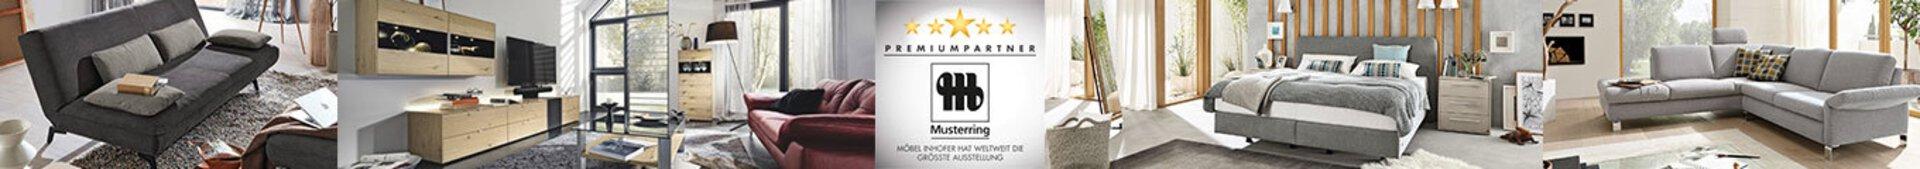 Bannerbild der Marke Musterring. Premiumpartner bei Möbel Inhofer.